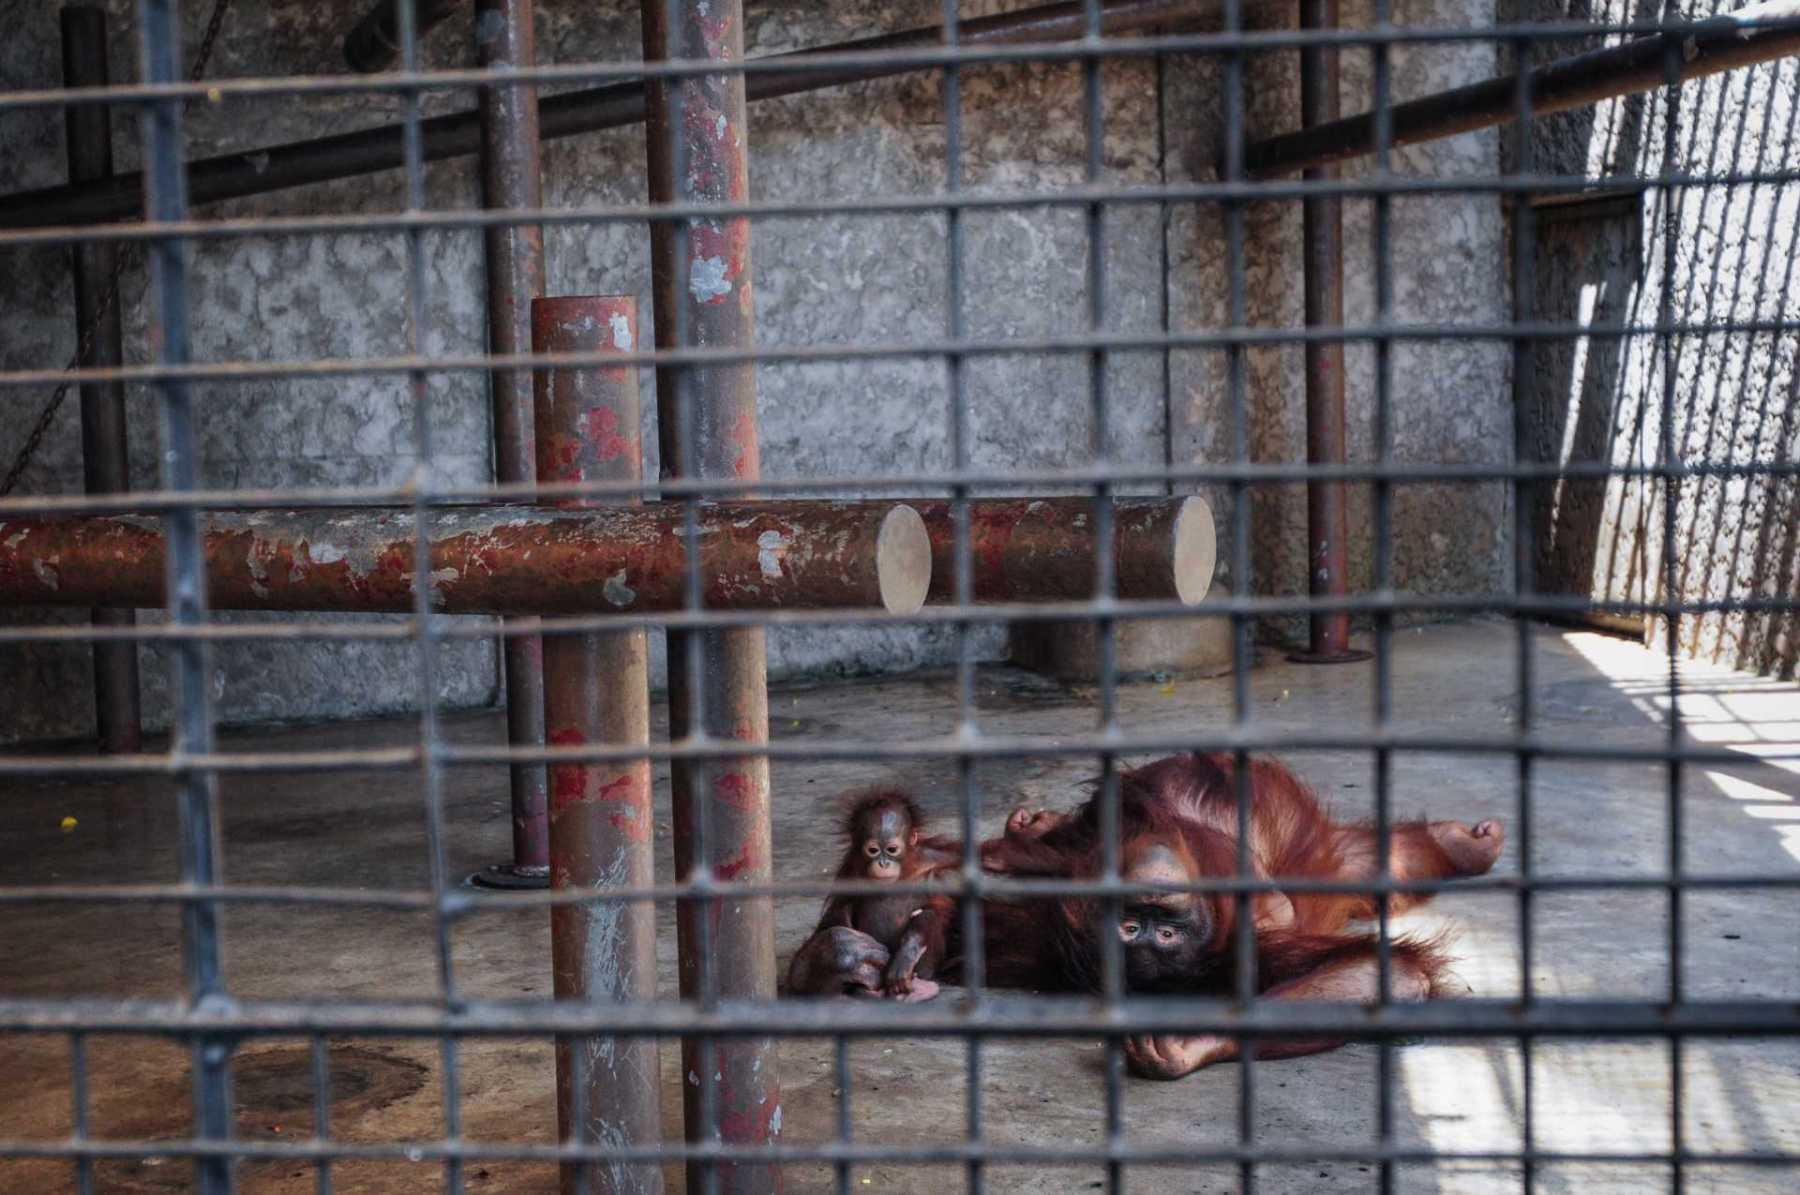 Orangutans. Thailand, 2008